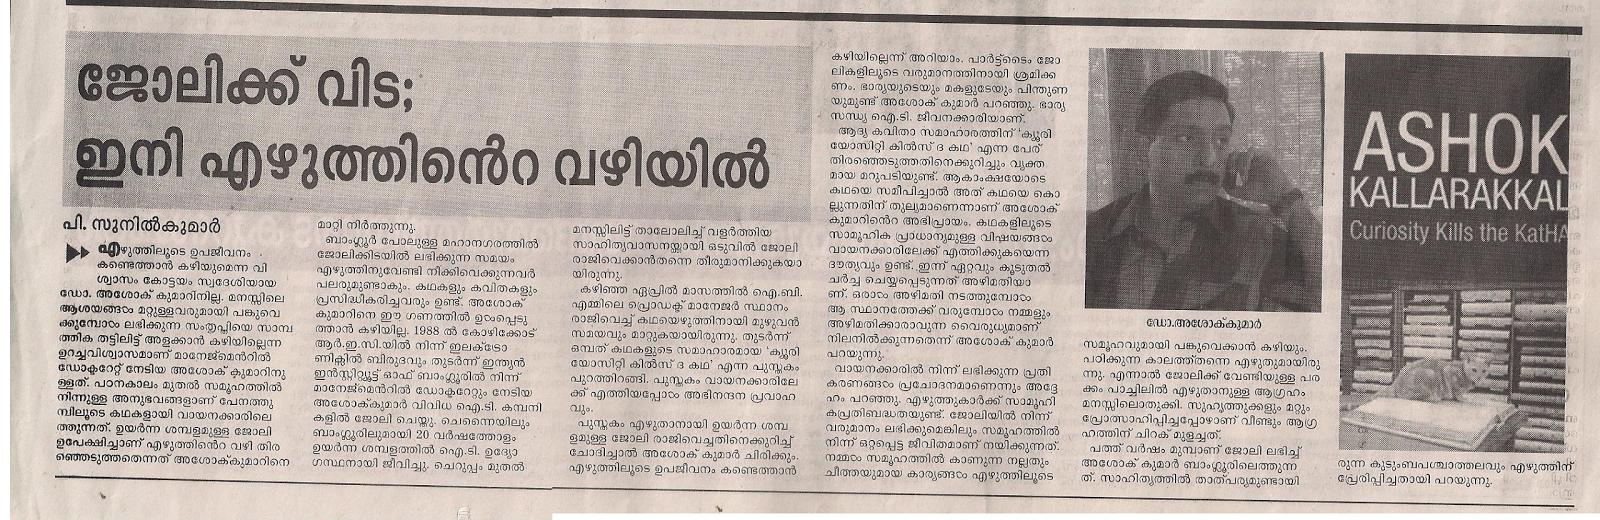 Author Interview  Ashok Kallarakkal  Mathrubhumi Nov 17, 2012